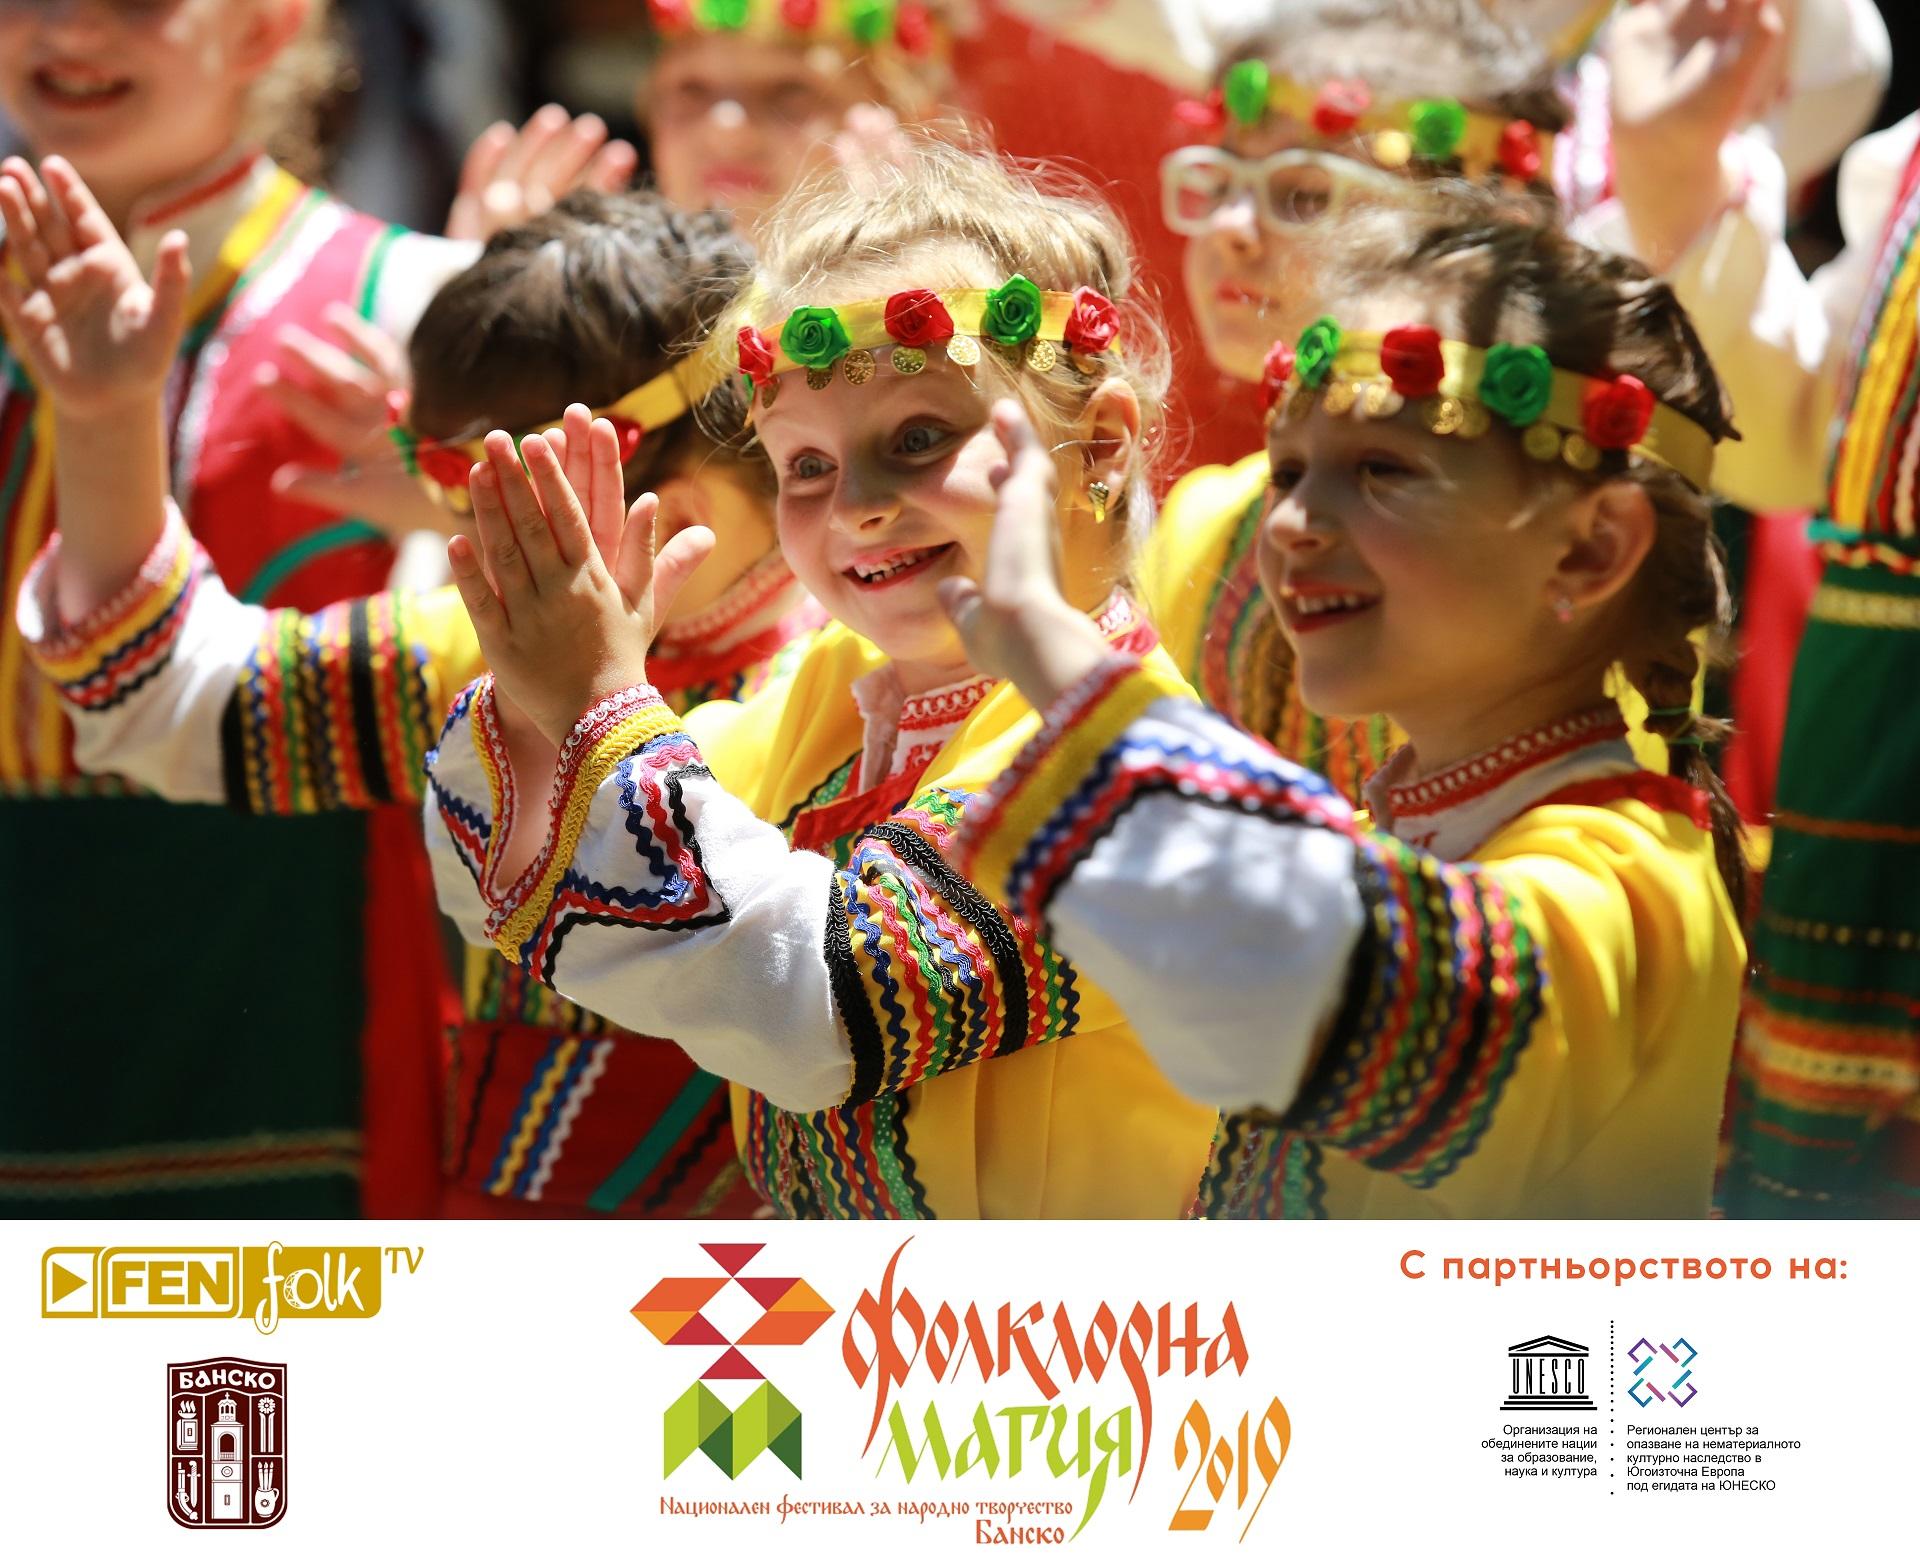 Фестивал Фолклорна магия в Банско с партньорството на РЦ София Юнеско